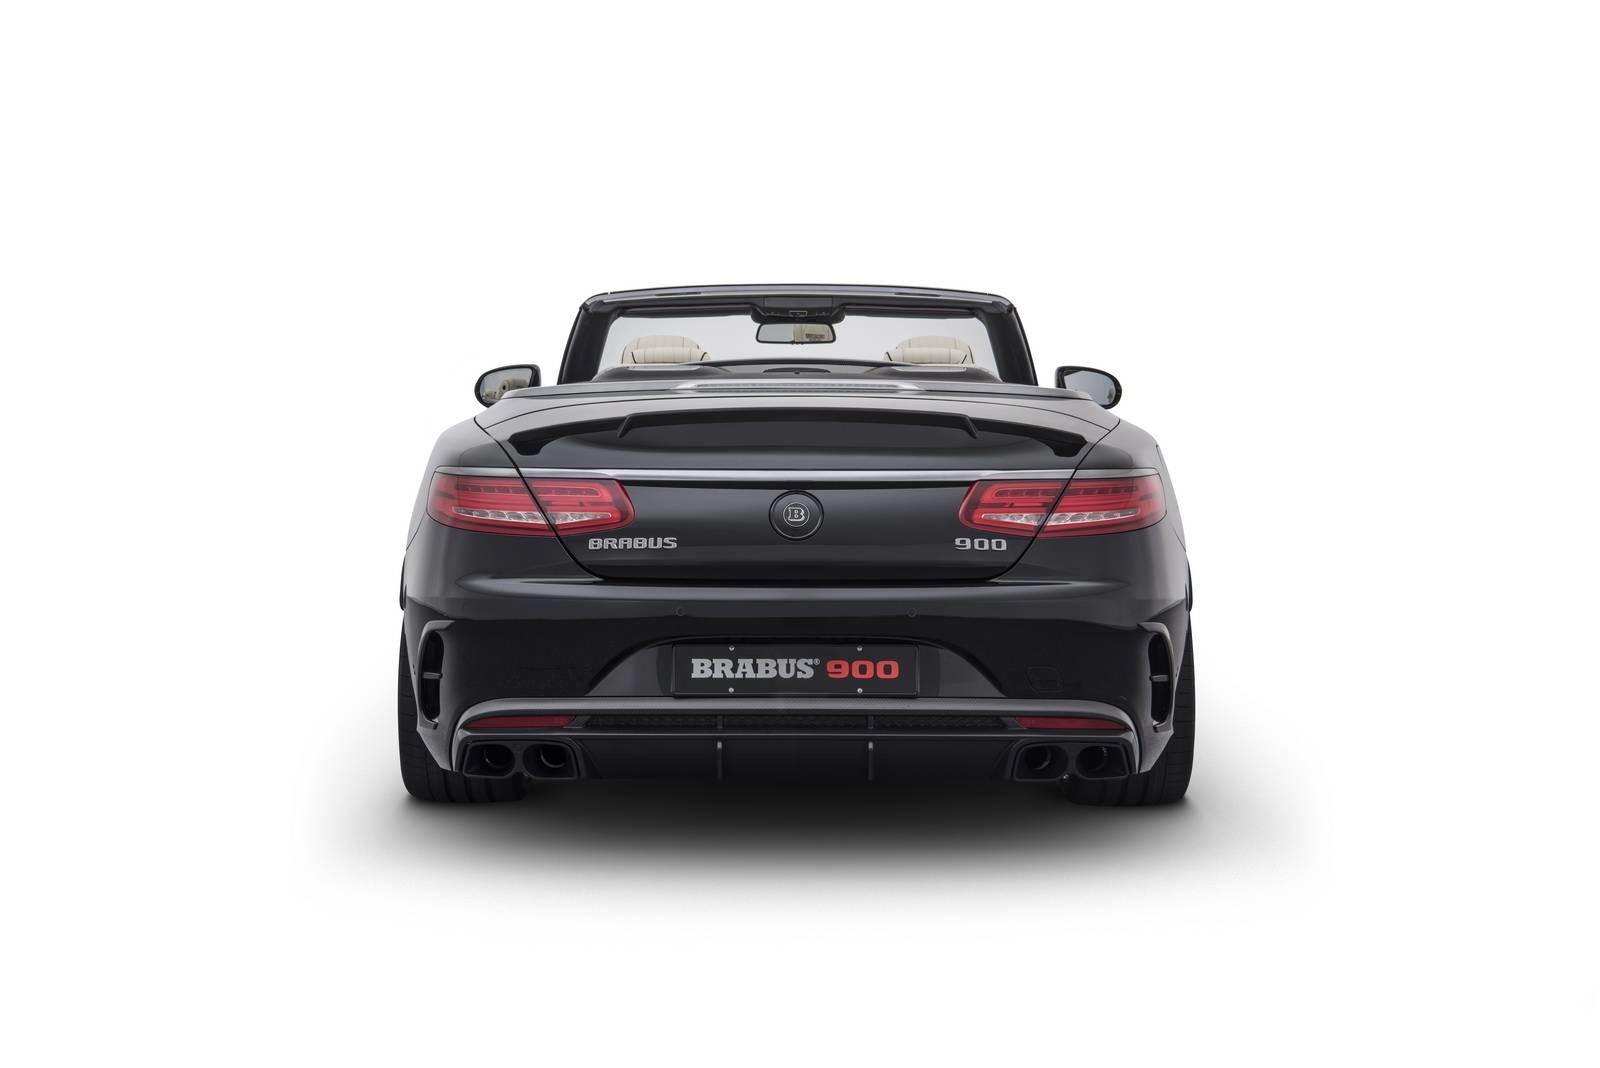 le-cabriolet-4-places-le-plus-puissant-et-le-plus-rapide-au-monde-brabus-rocket-900-cabriolet-411-3.jpg